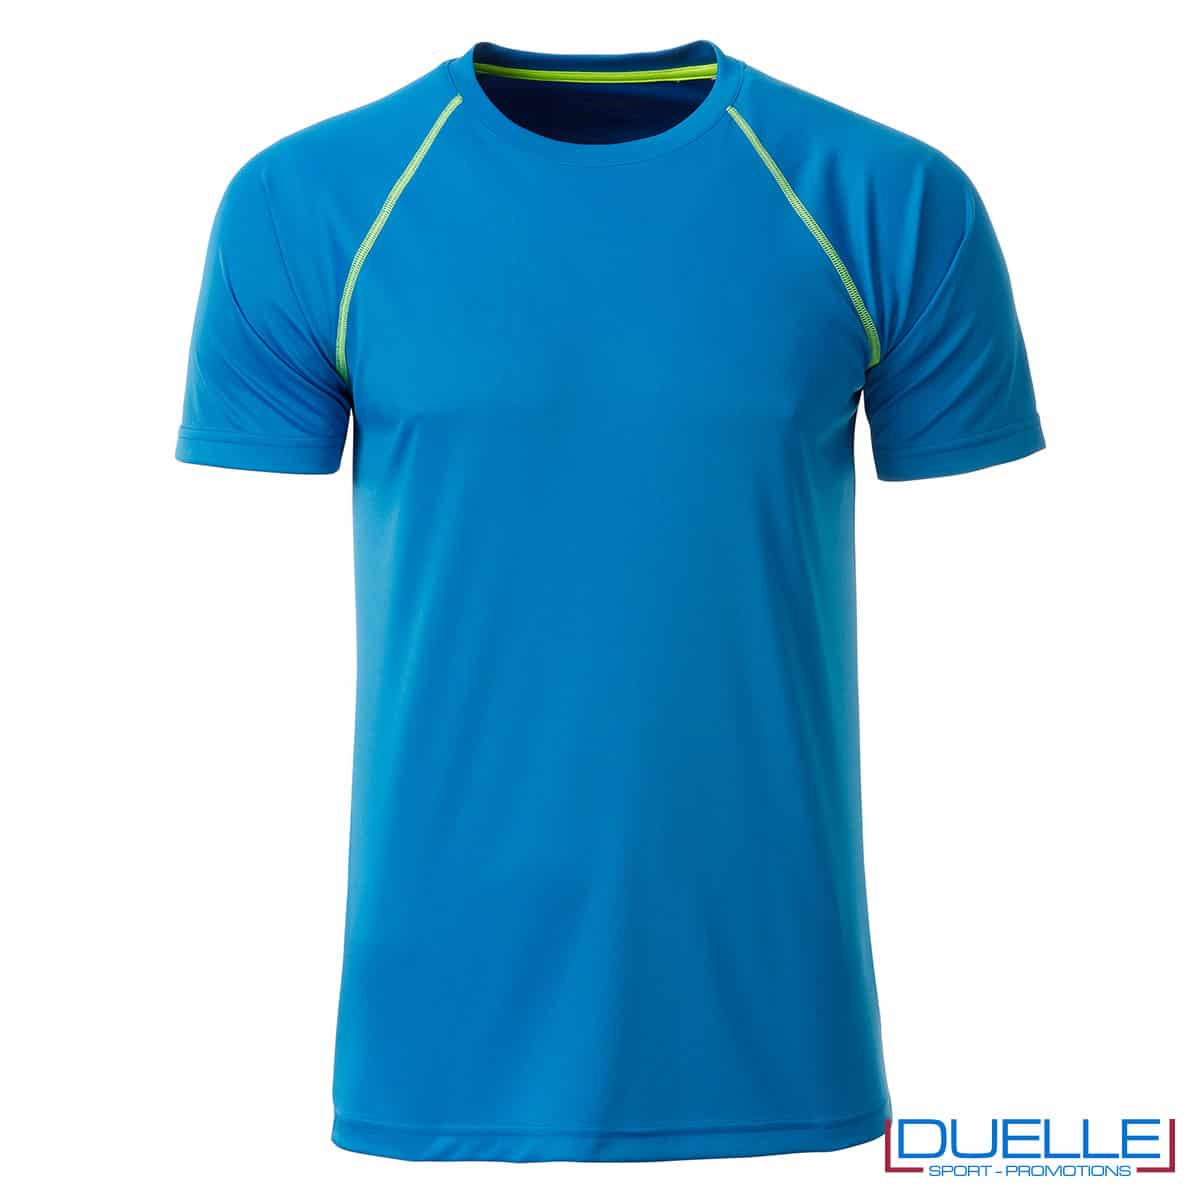 Maglia sportiva uomo azzurra